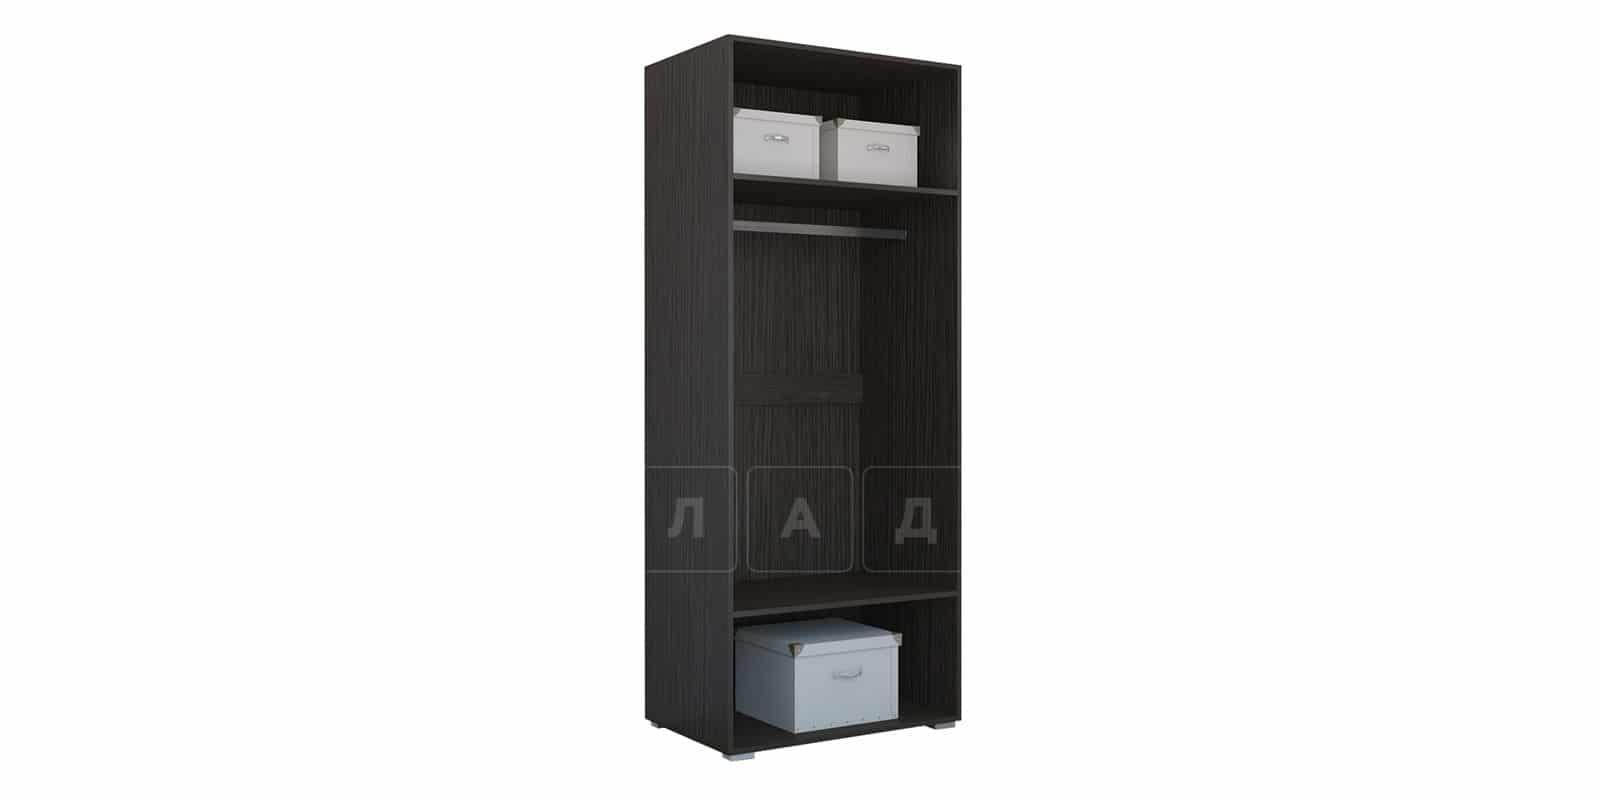 Шкаф распашной Римини двухдверный фото 2 | интернет-магазин Складно